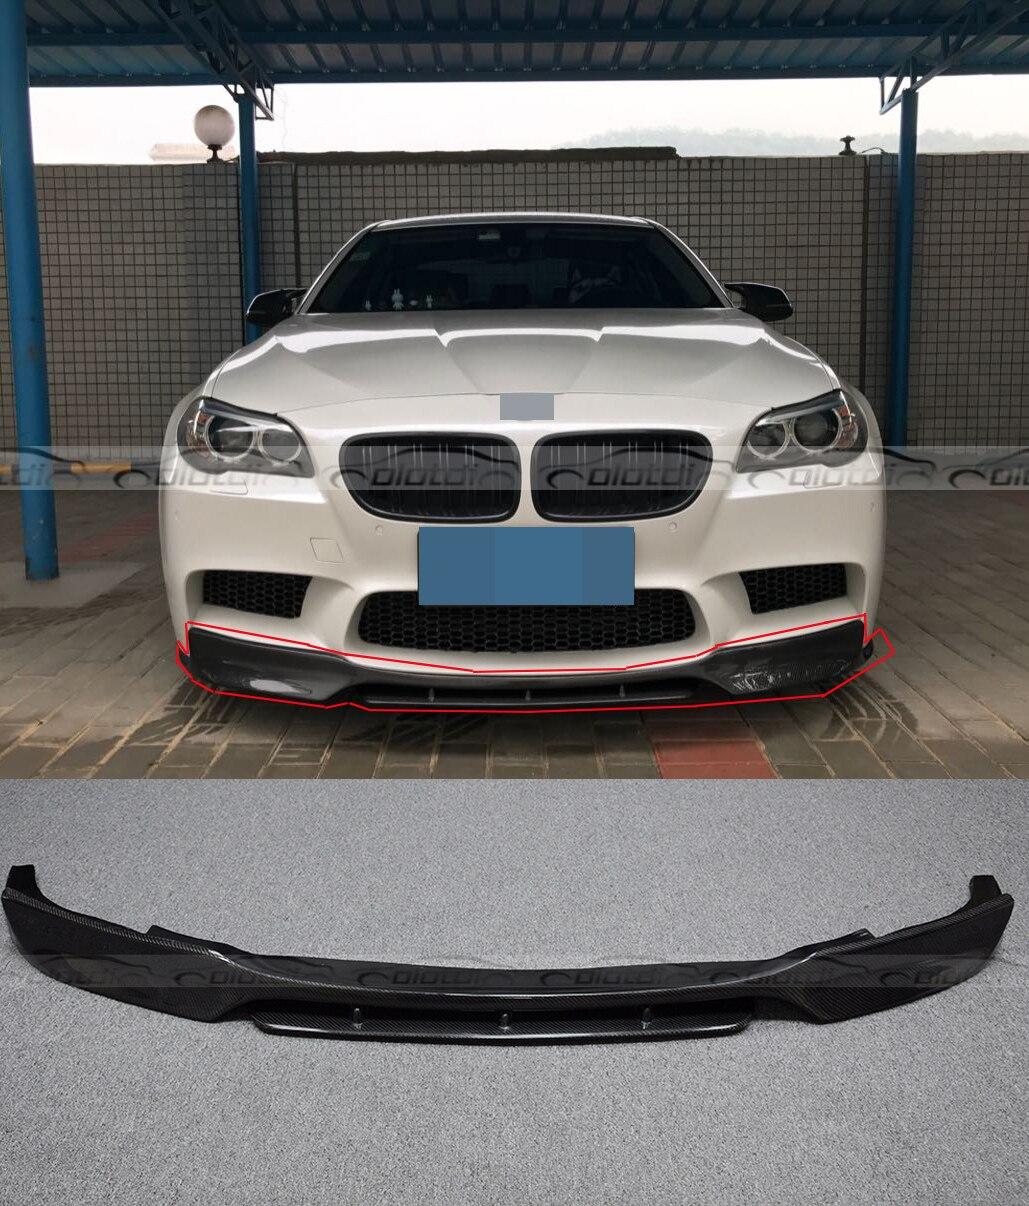 OLOTDI voiture Tuning V style fibre de carbone avant lèvre pare-choc fendeur pour BMW F10 M5 pare-chocs 2010-2016 (seul fit Real M5)